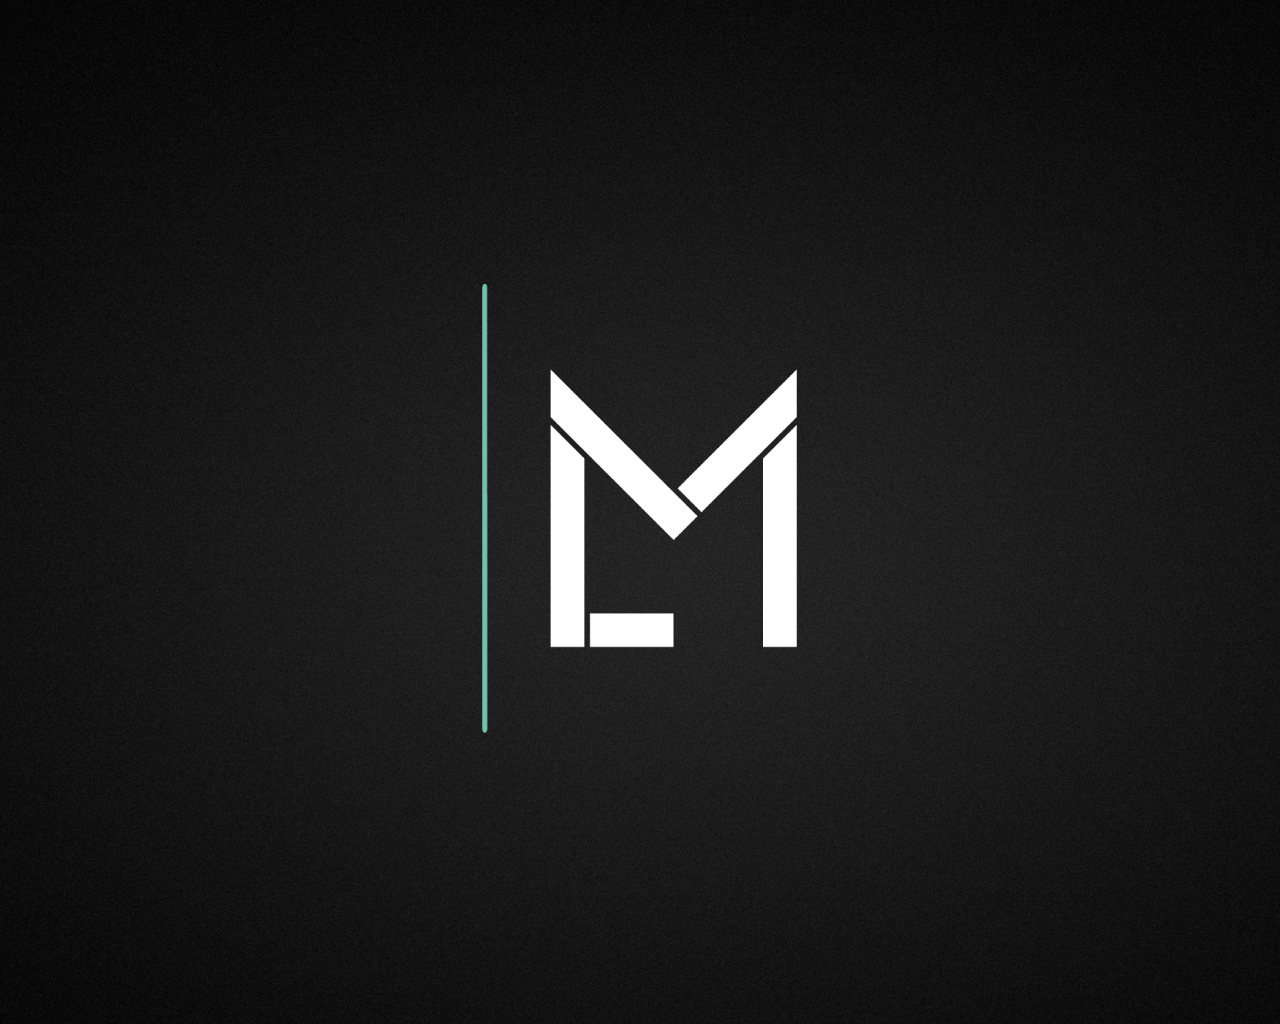 missinglink_logo